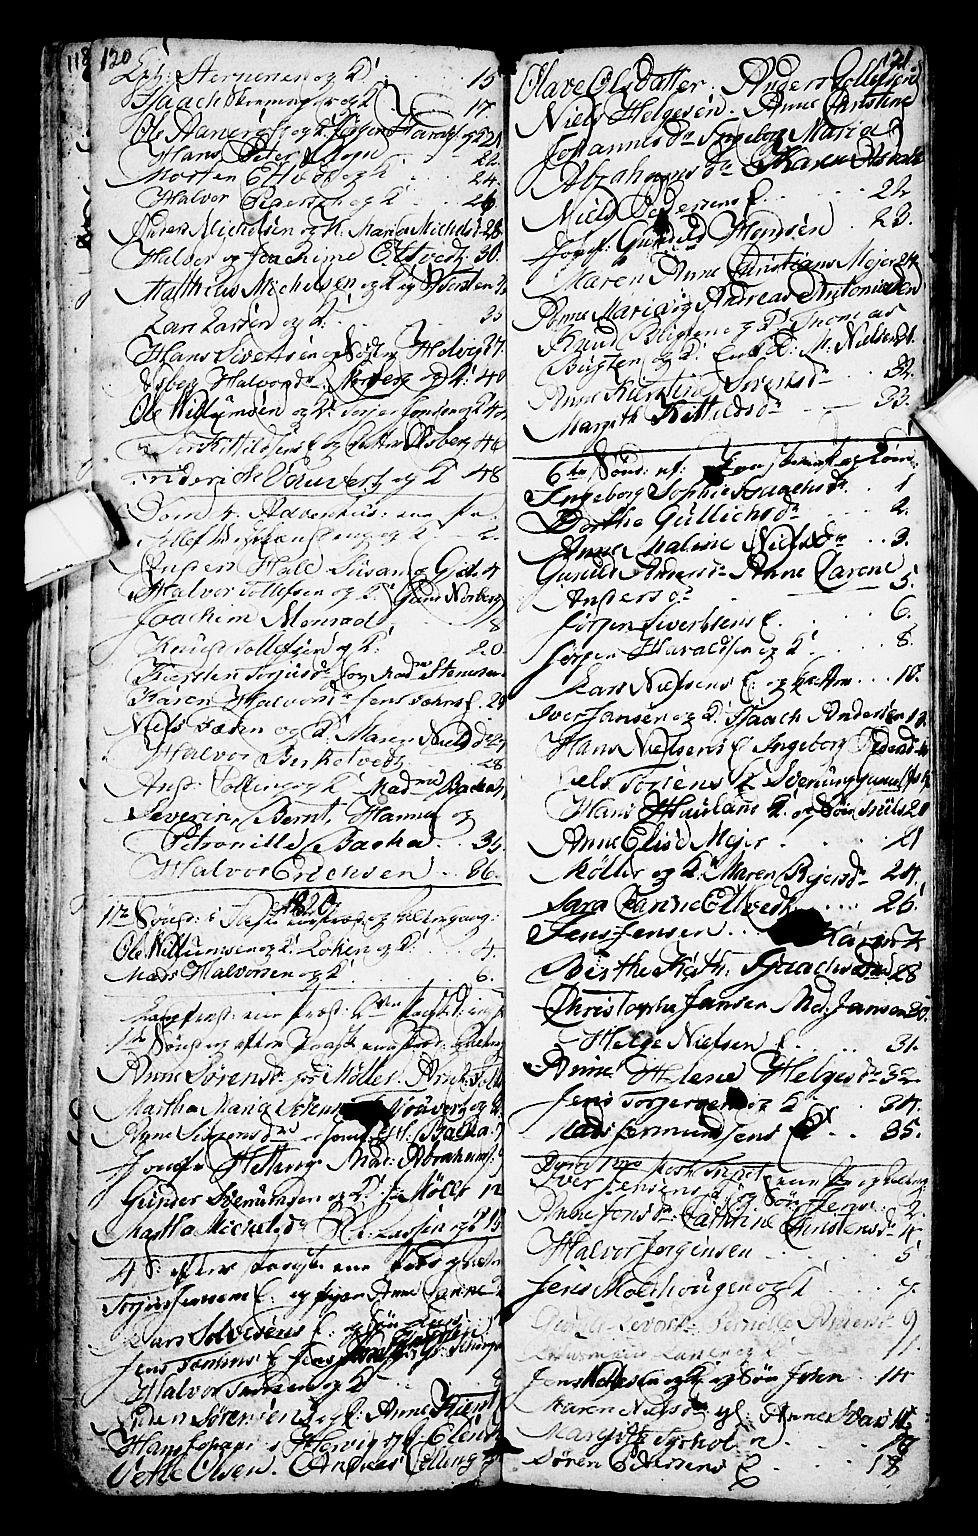 SAKO, Porsgrunn kirkebøker , G/Ga/L0001: Klokkerbok nr. I 1, 1766-1790, s. 120-121